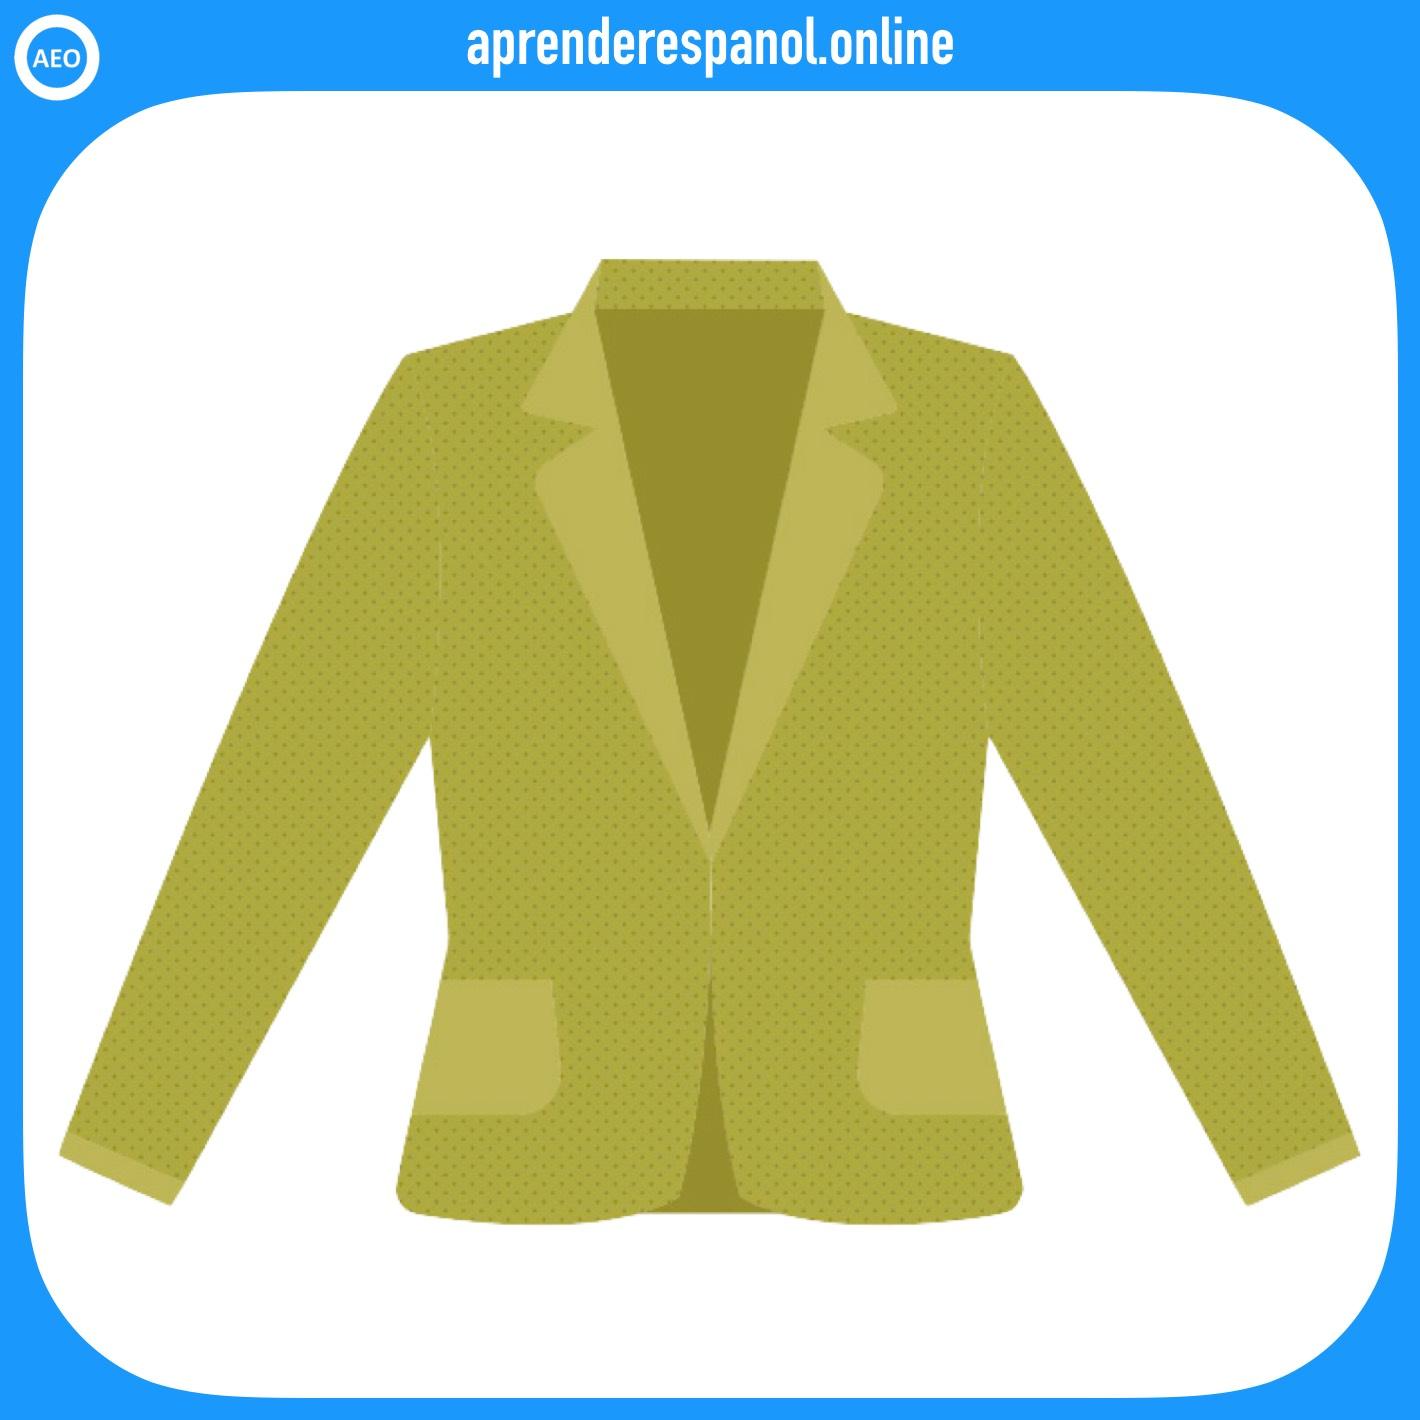 americana | ropa en español | vocabulario de la ropa en español